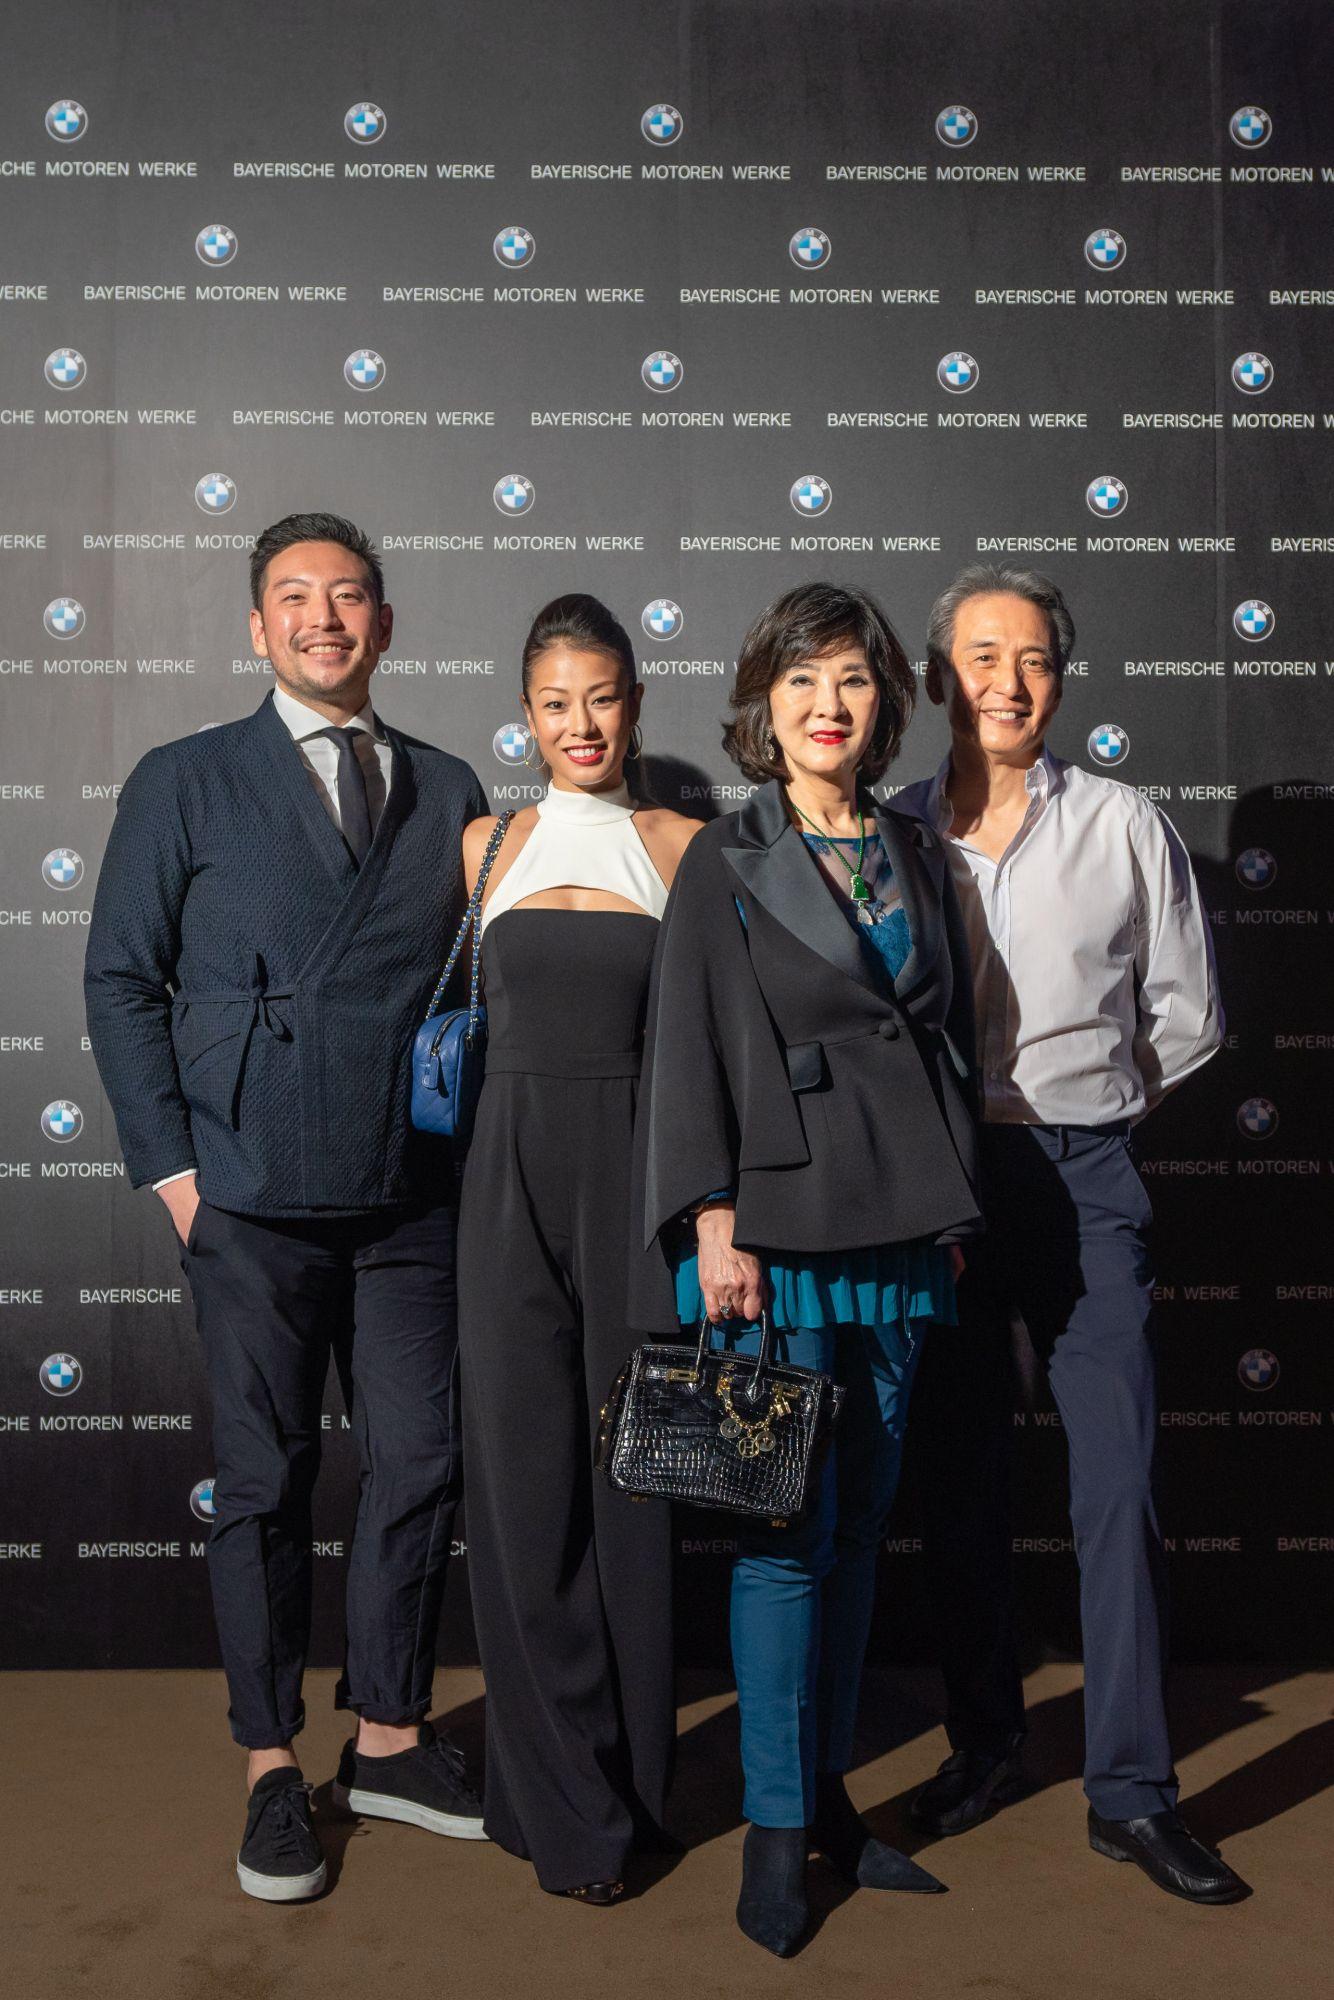 由左至右:吳祖倫、Leina Lin 伉儷及吳民德、楊麗娟伉儷